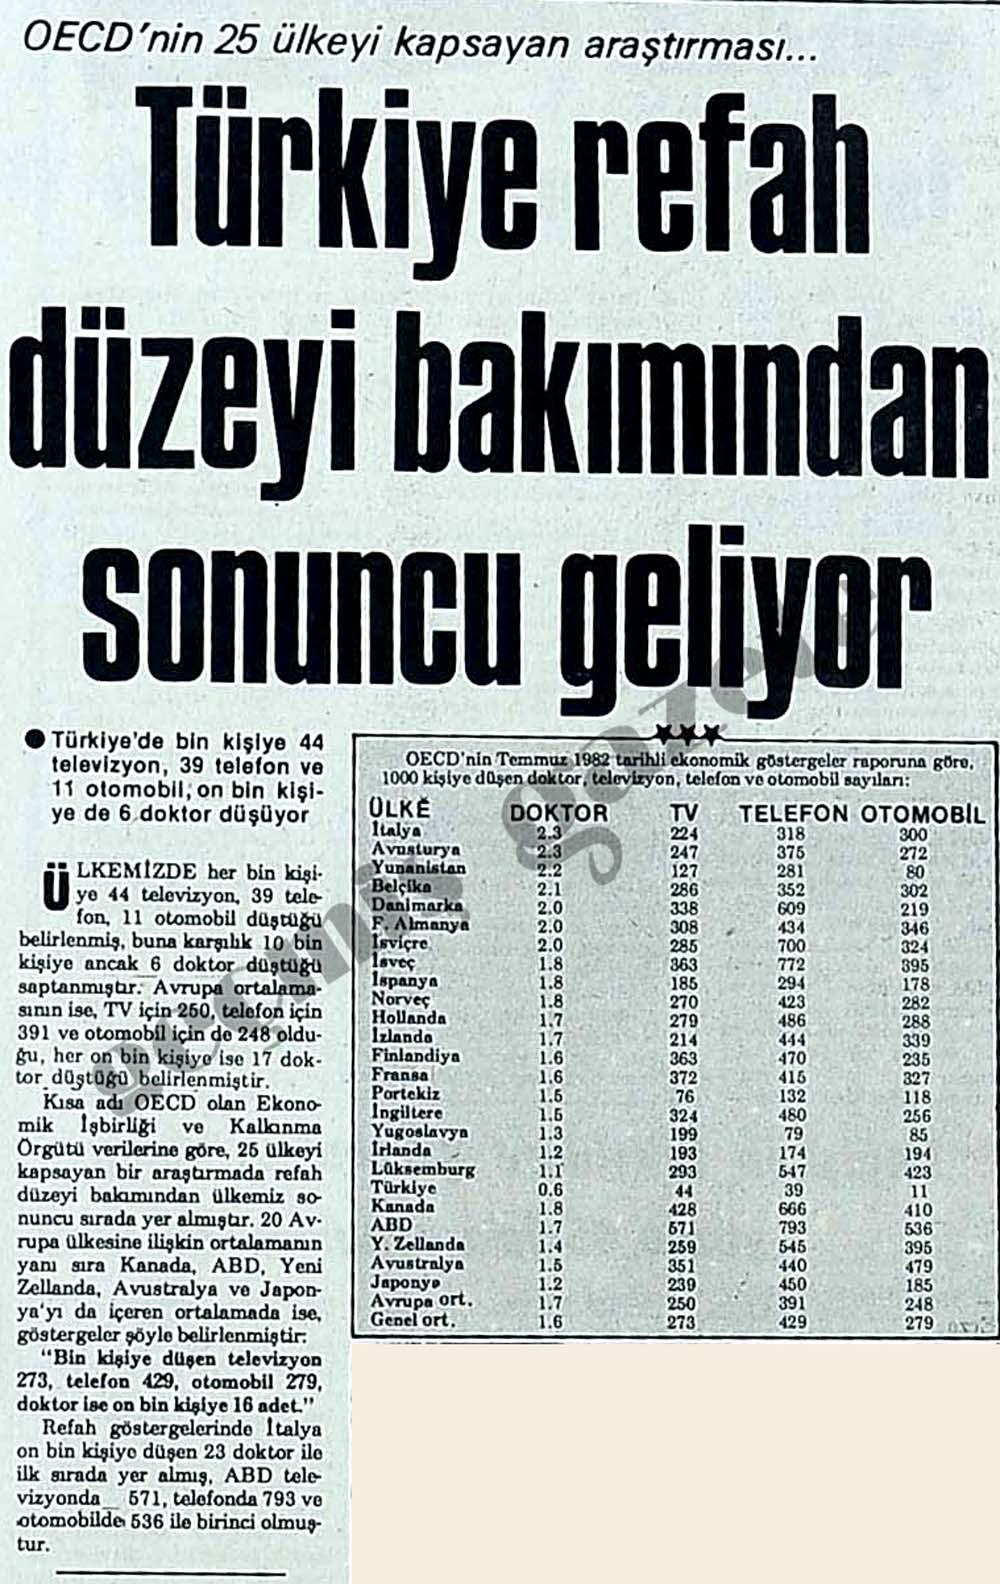 Türkiye refah düzeyi bakımından sonuncu geliyor